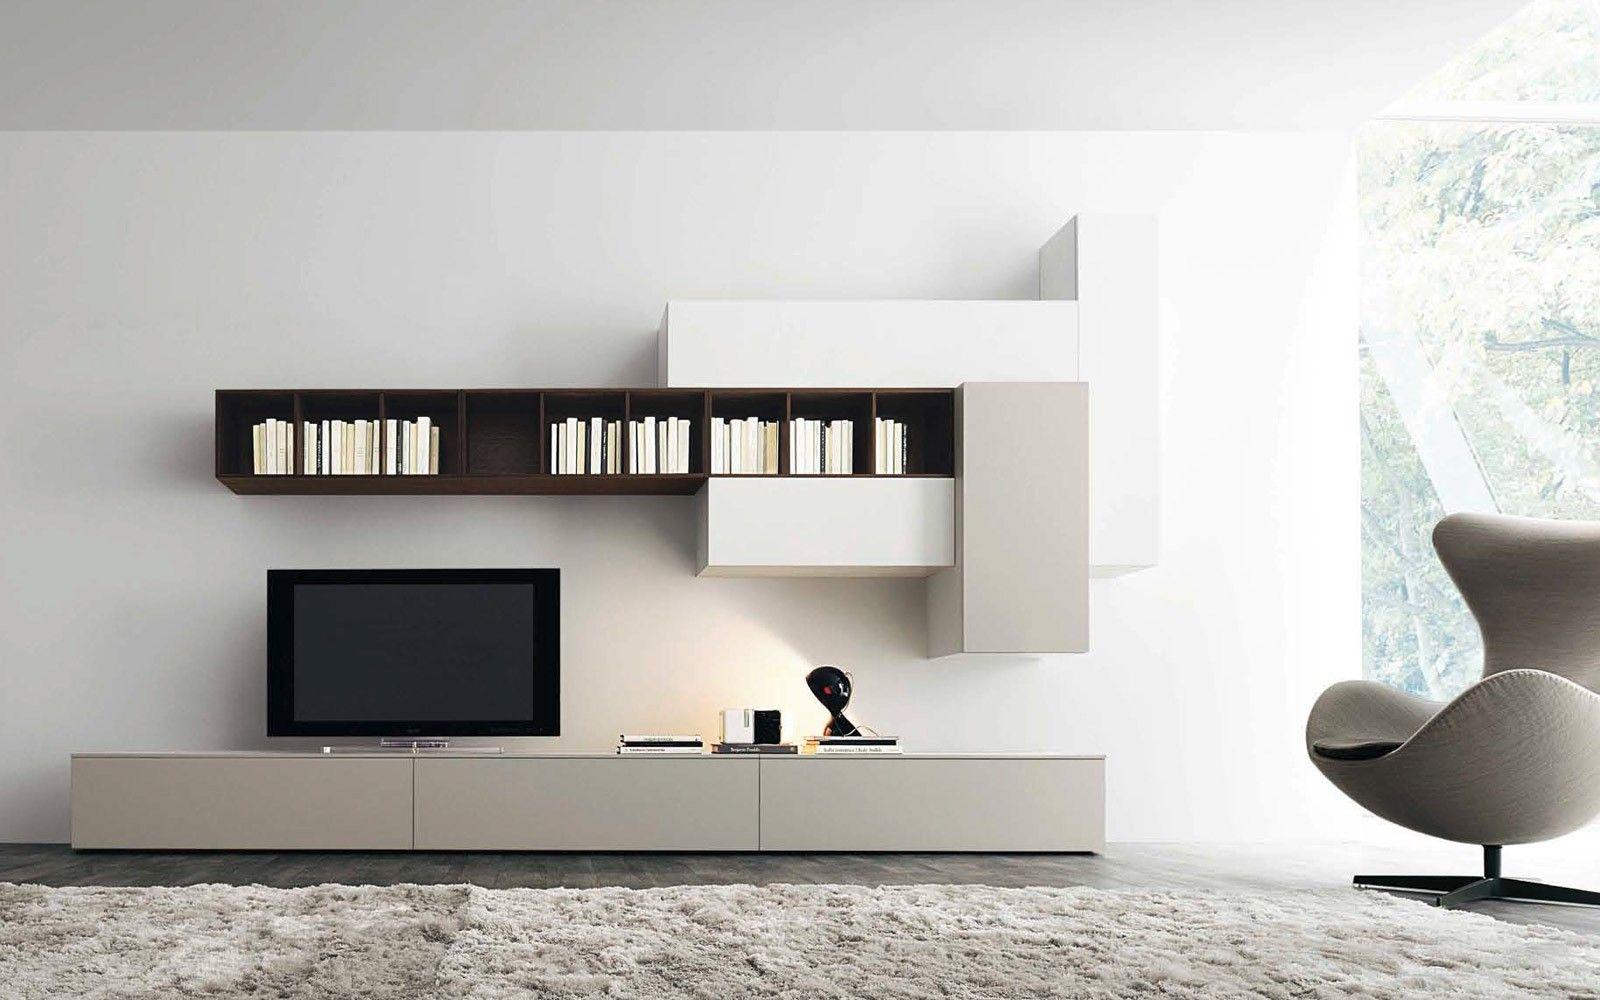 herausragende san. modernen mbel entwrfe fr wohnzimmer mit auch ... - Moderne Mobel Wohnzimmer